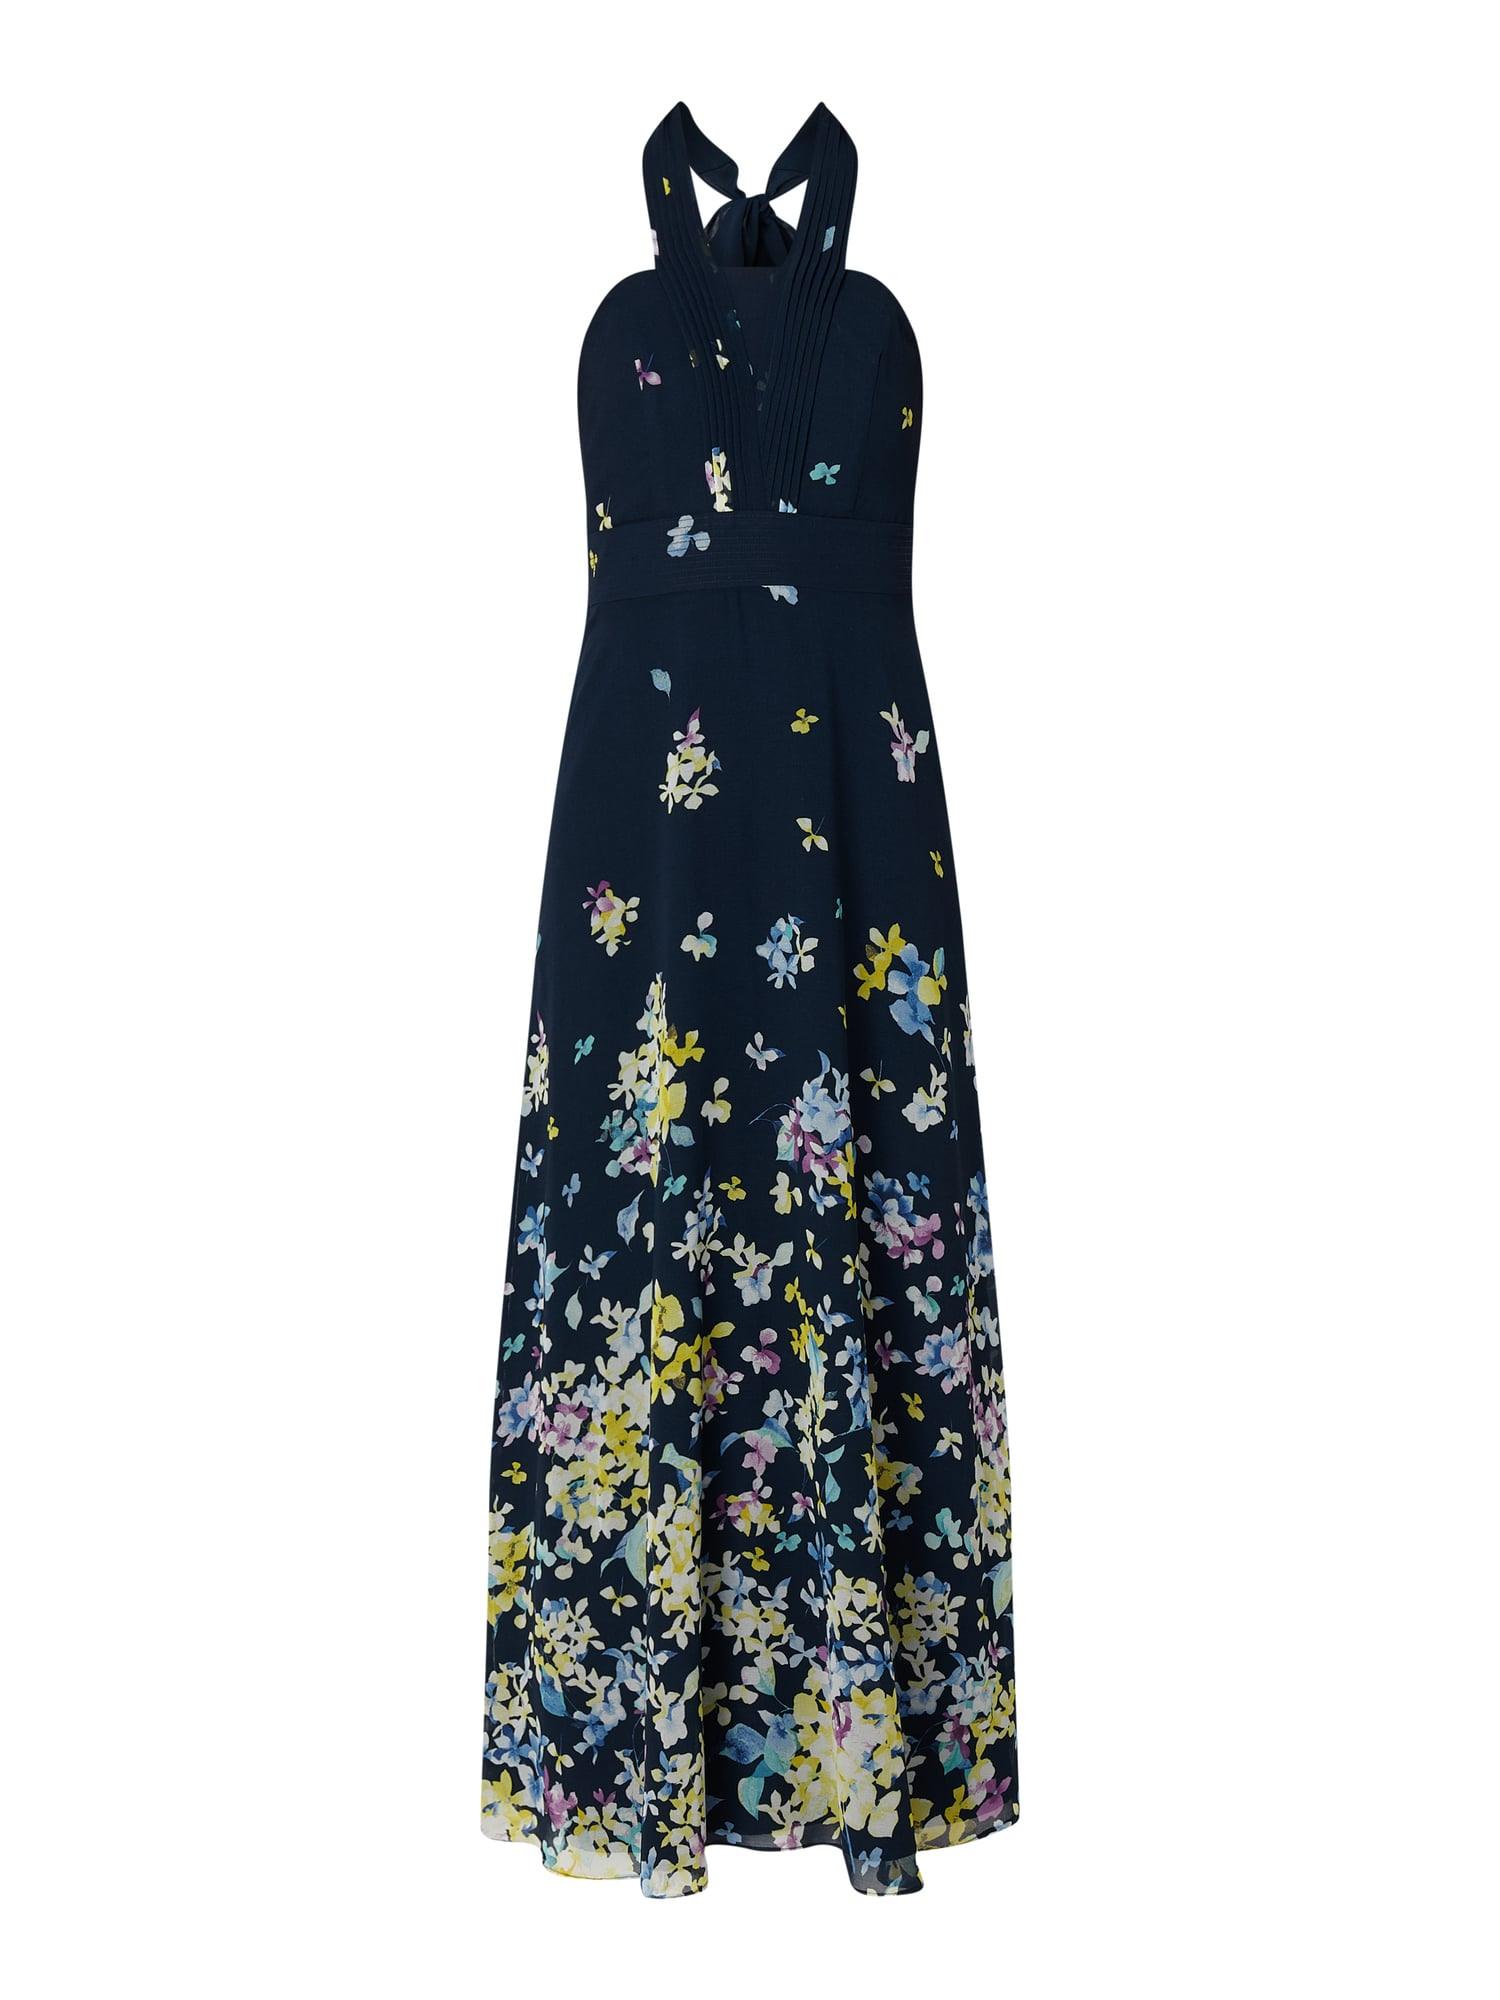 15 Großartig Abendkleid Esprit VertriebAbend Schön Abendkleid Esprit Bester Preis